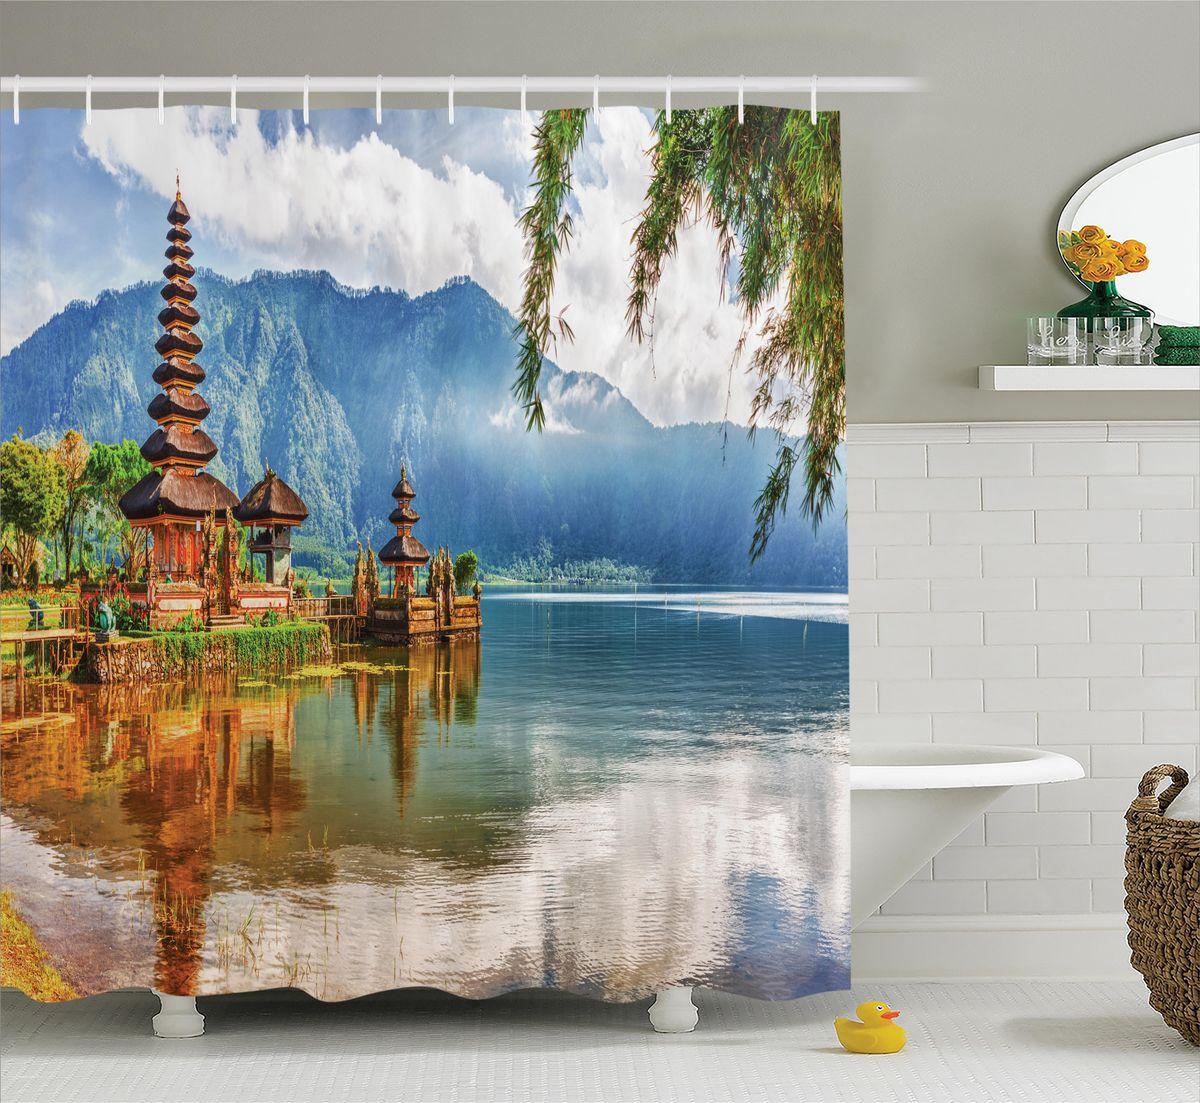 Штора для ванной комнаты Magic Lady Деревянная пагода над водой, 180 х 200 смшв_12249Штора Magic Lady Деревянная пагода над водой, изготовленная из высококачественного сатена (полиэстер 100%), отлично дополнит любой интерьер ванной комнаты. При изготовлении используются специальные гипоаллергенные чернила для прямой печати по ткани, безопасные для человека.В комплекте: 1 штора, 12 крючков. Обращаем ваше внимание, фактический цвет изделия может незначительно отличаться от представленного на фото.